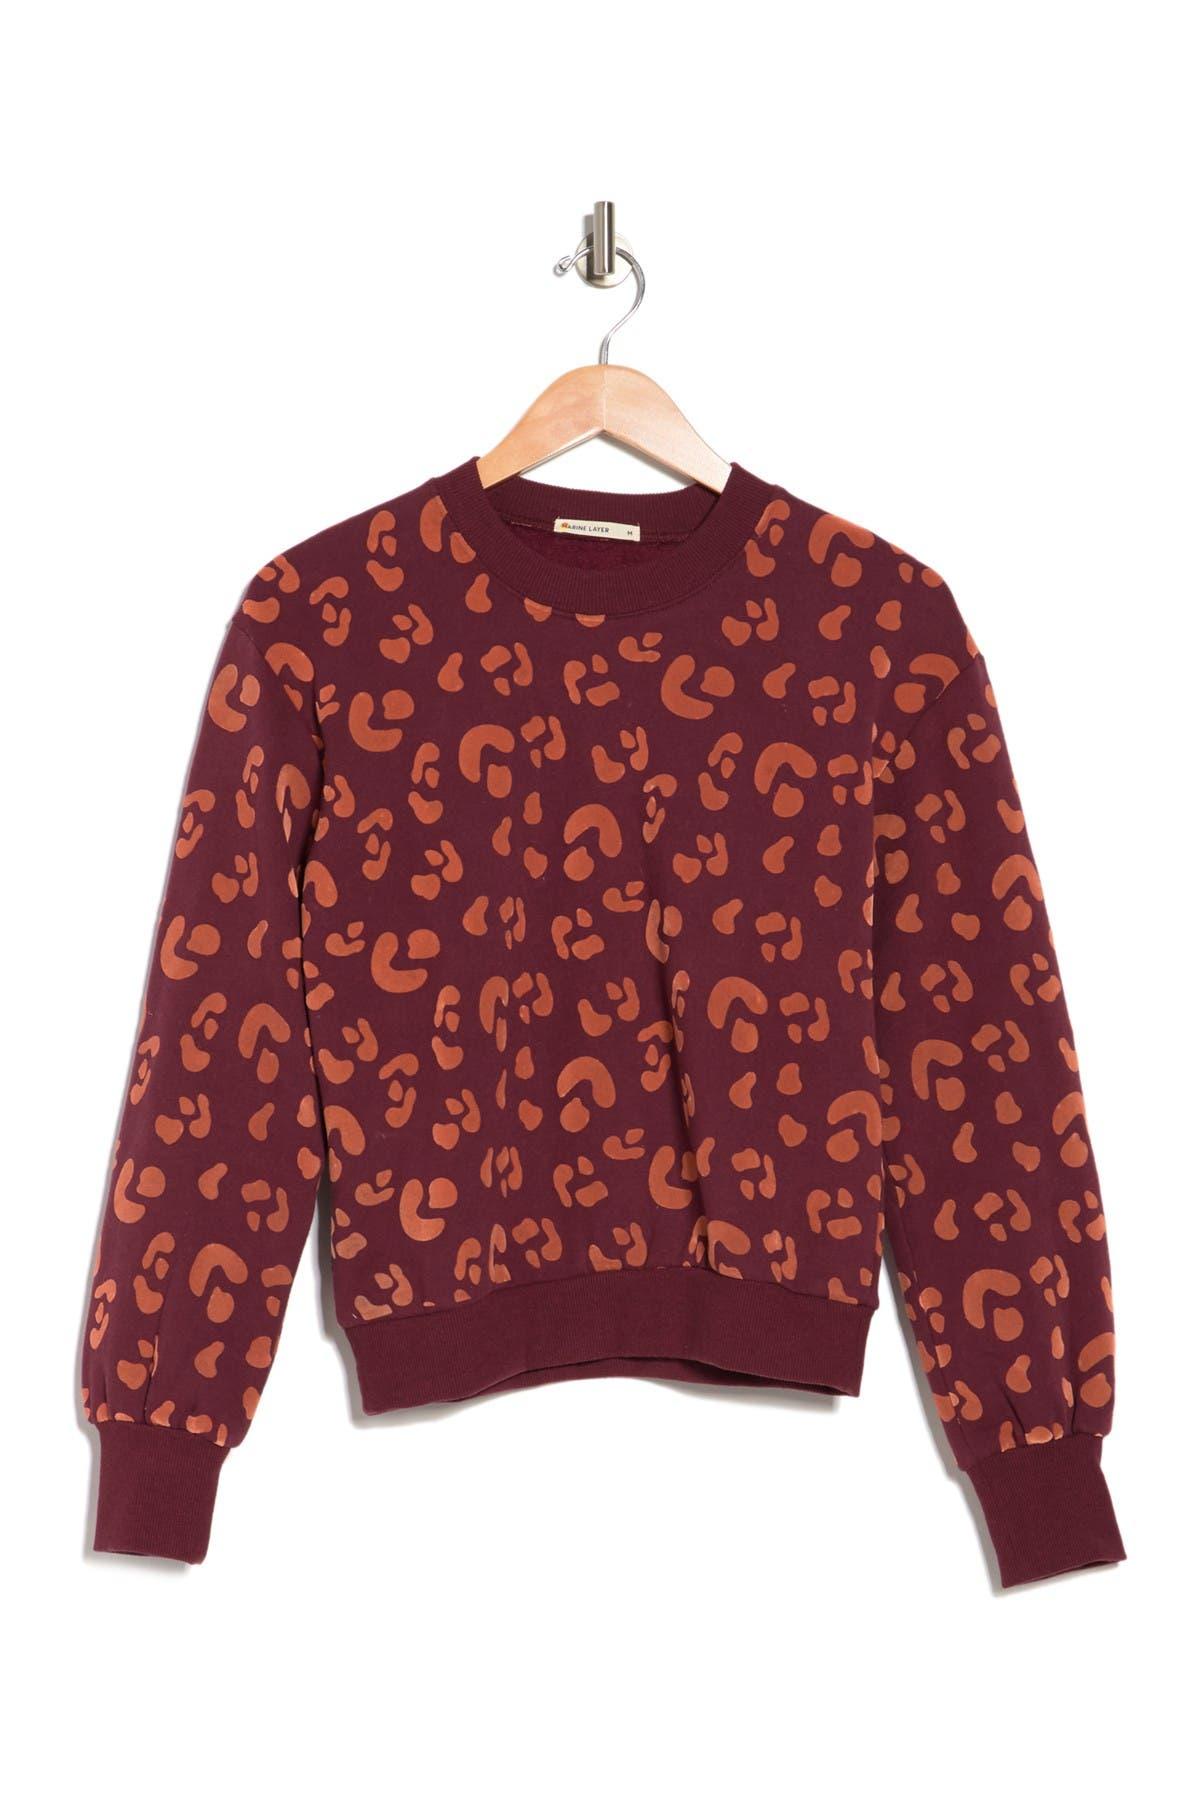 Image of Marine Layer Coraline Sweatshirt